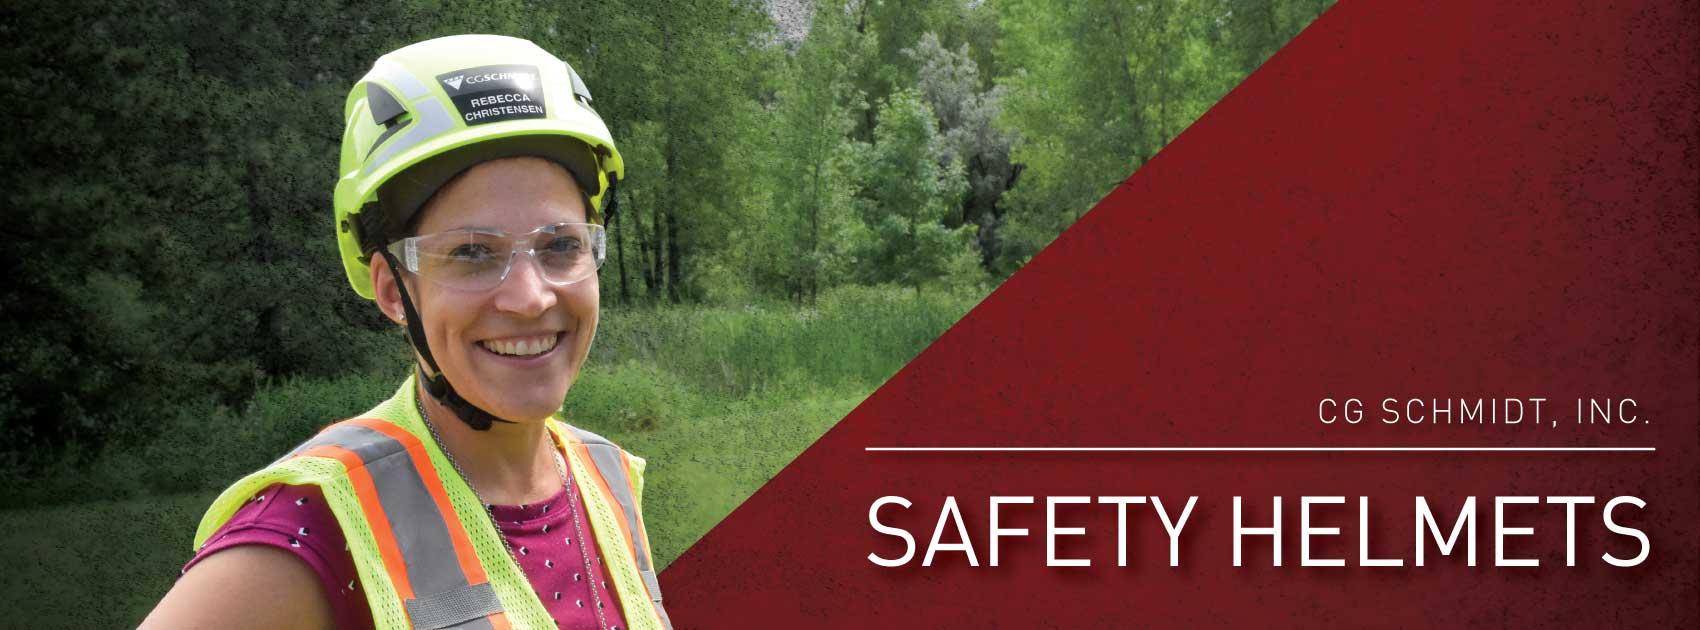 Rebecca Christensen wearing her 3M SecureFit Safety Helmet